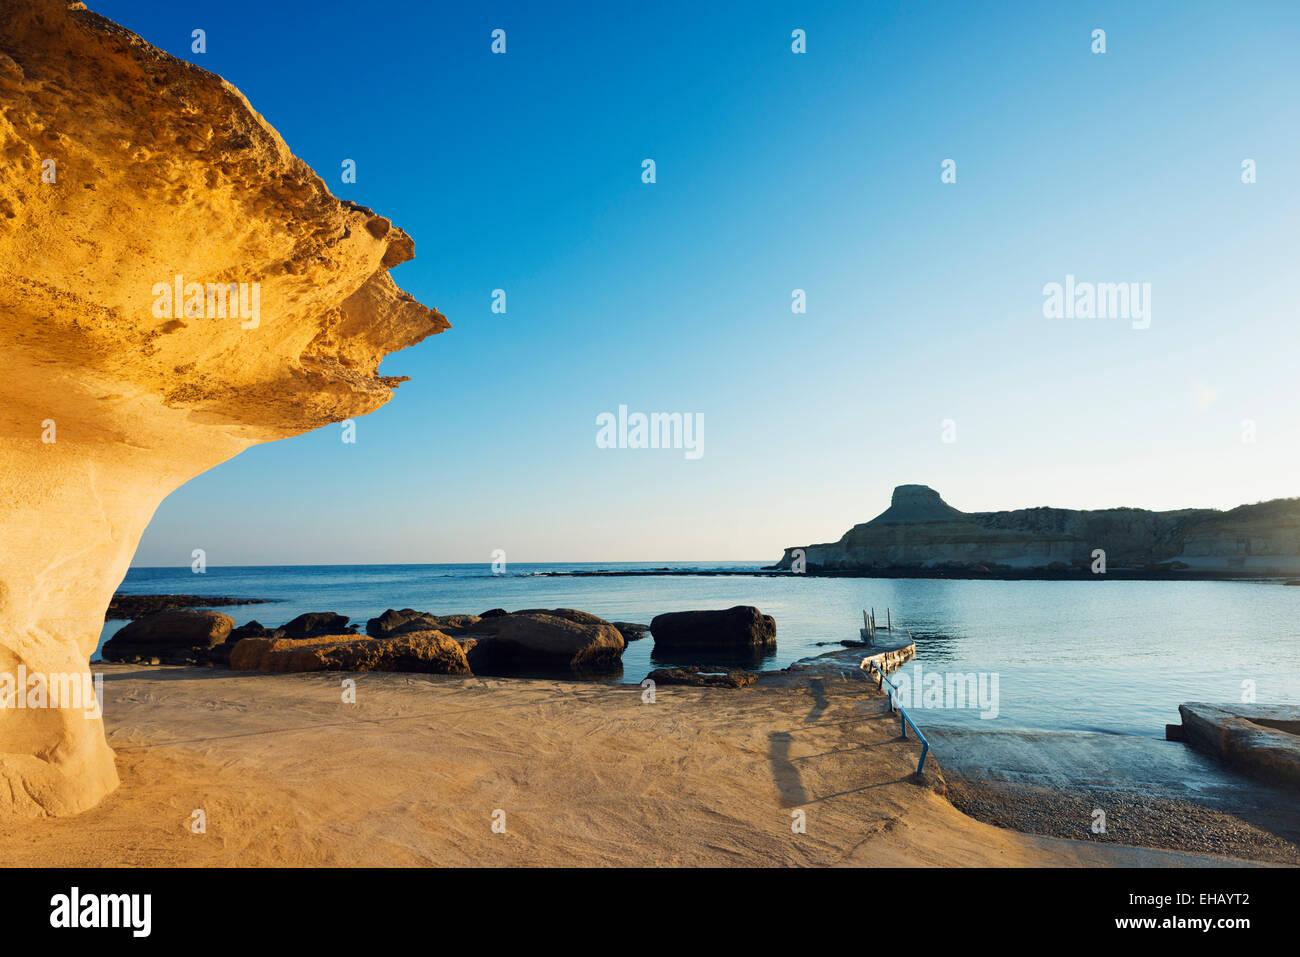 L'Europe méditerranéenne, Malte, Gozo Xwejni Bay, Photo Stock